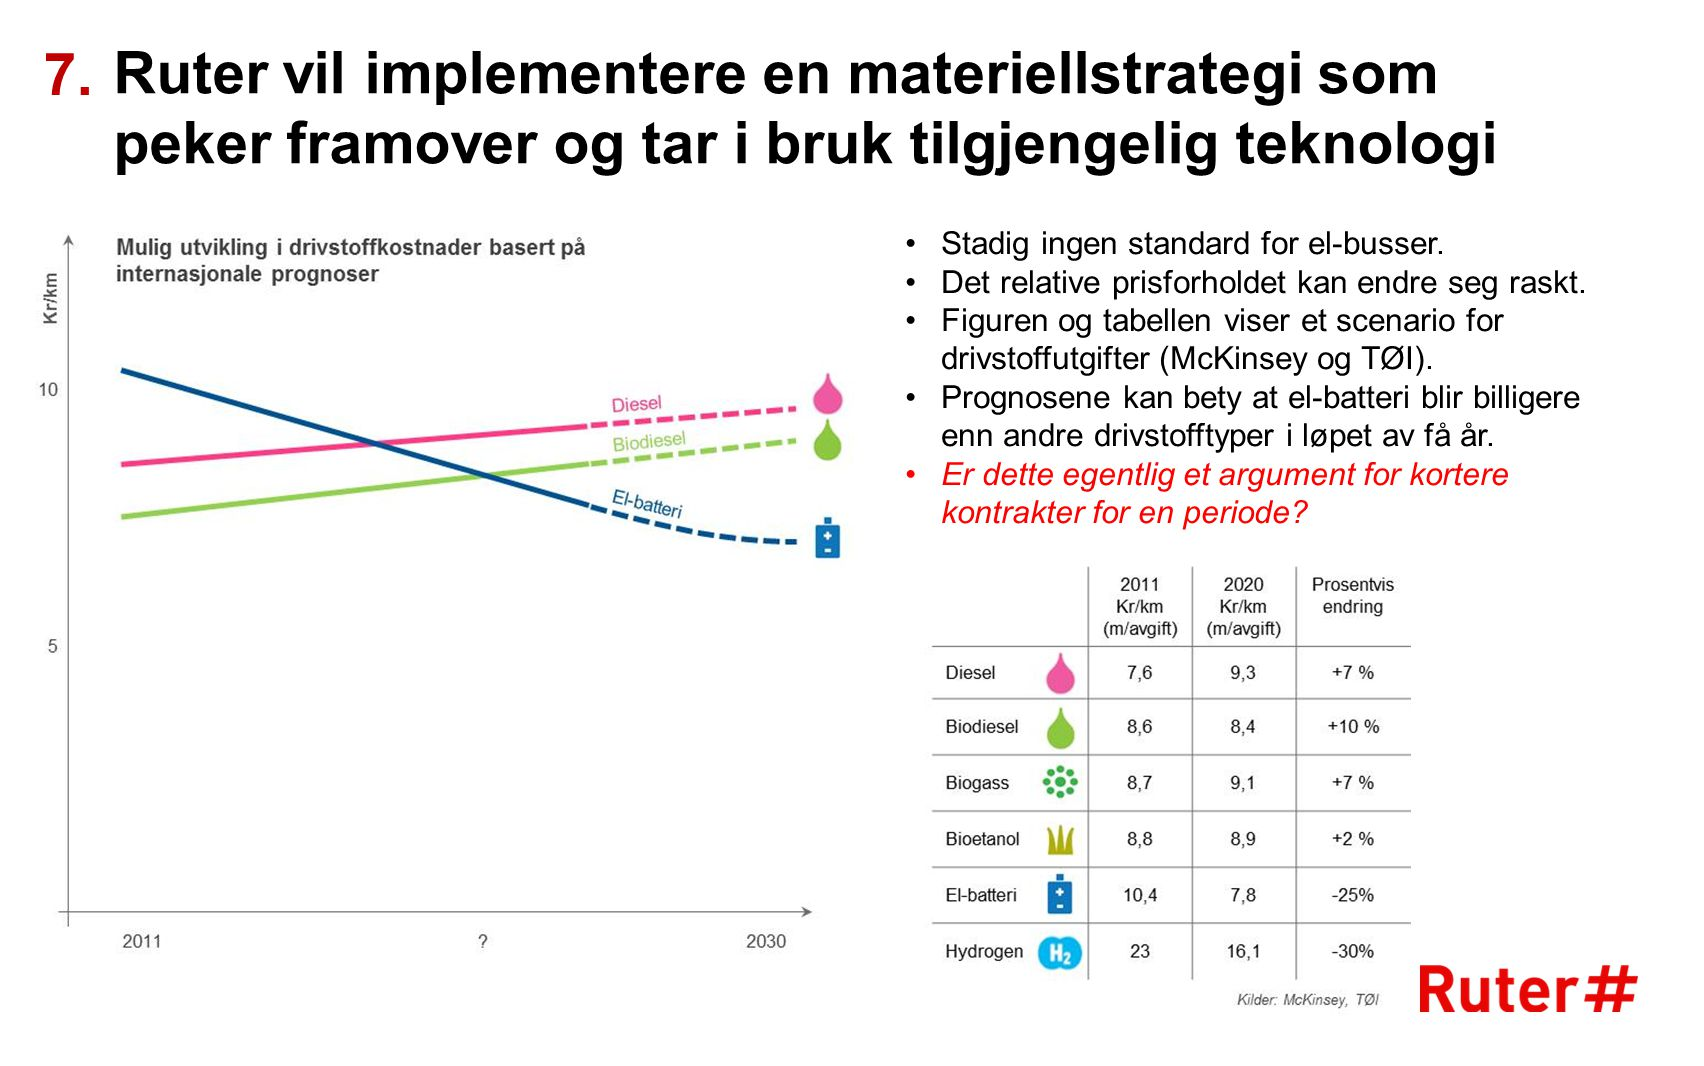 7. Ruter vil implementere en materiellstrategi som peker framover og tar i bruk tilgjengelig teknologi.